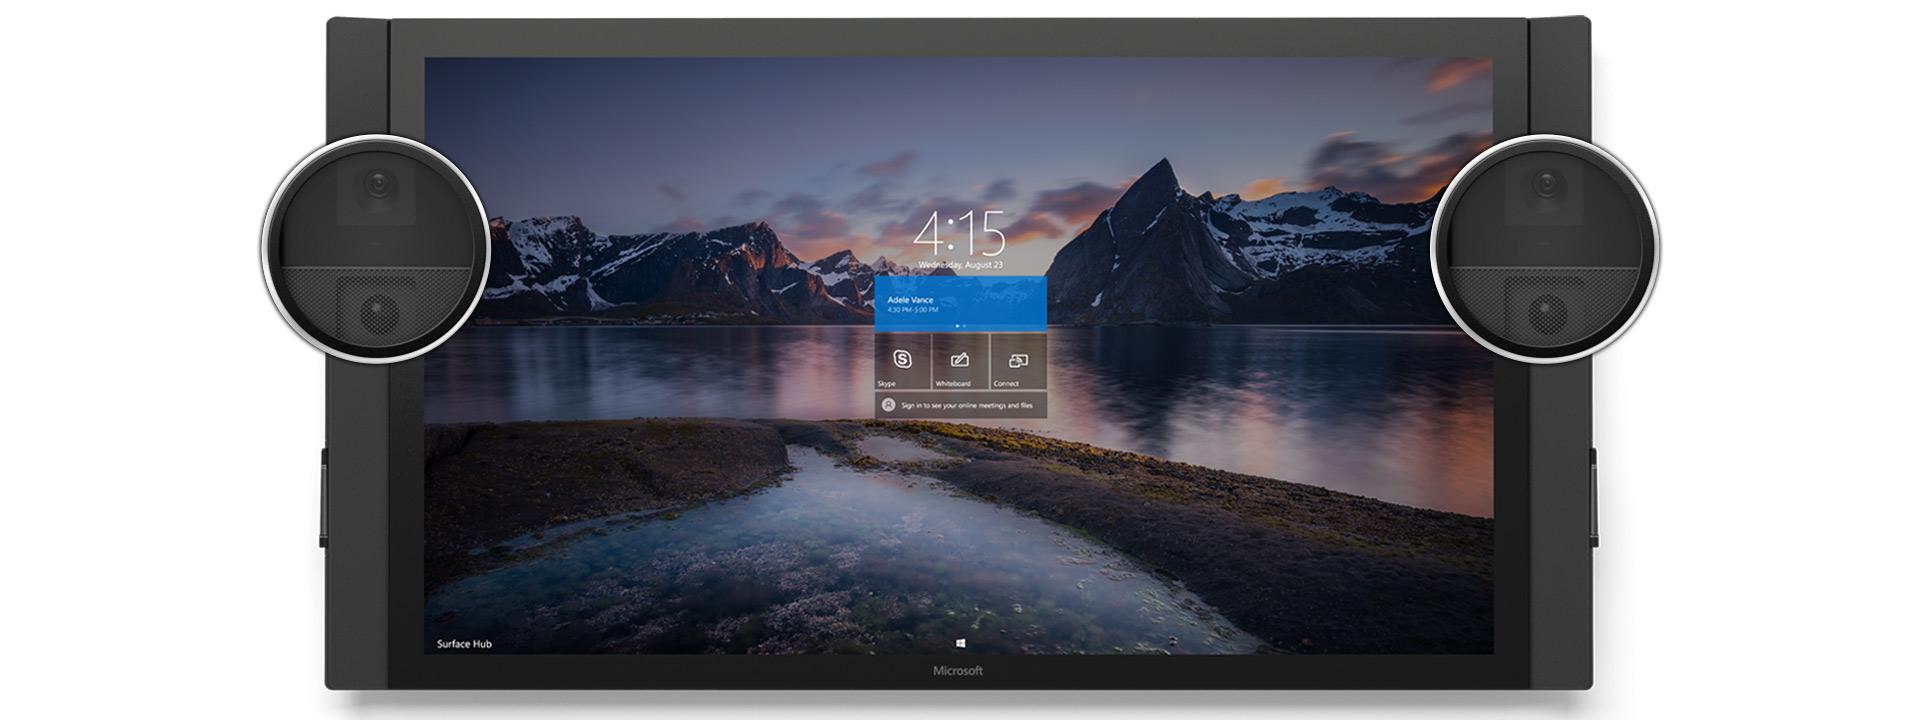 Edestä otettu kuva Surface Hubista, jonka aloitusnäytössä on luontokuva, kamerat ja tunnistimet suurennettu.